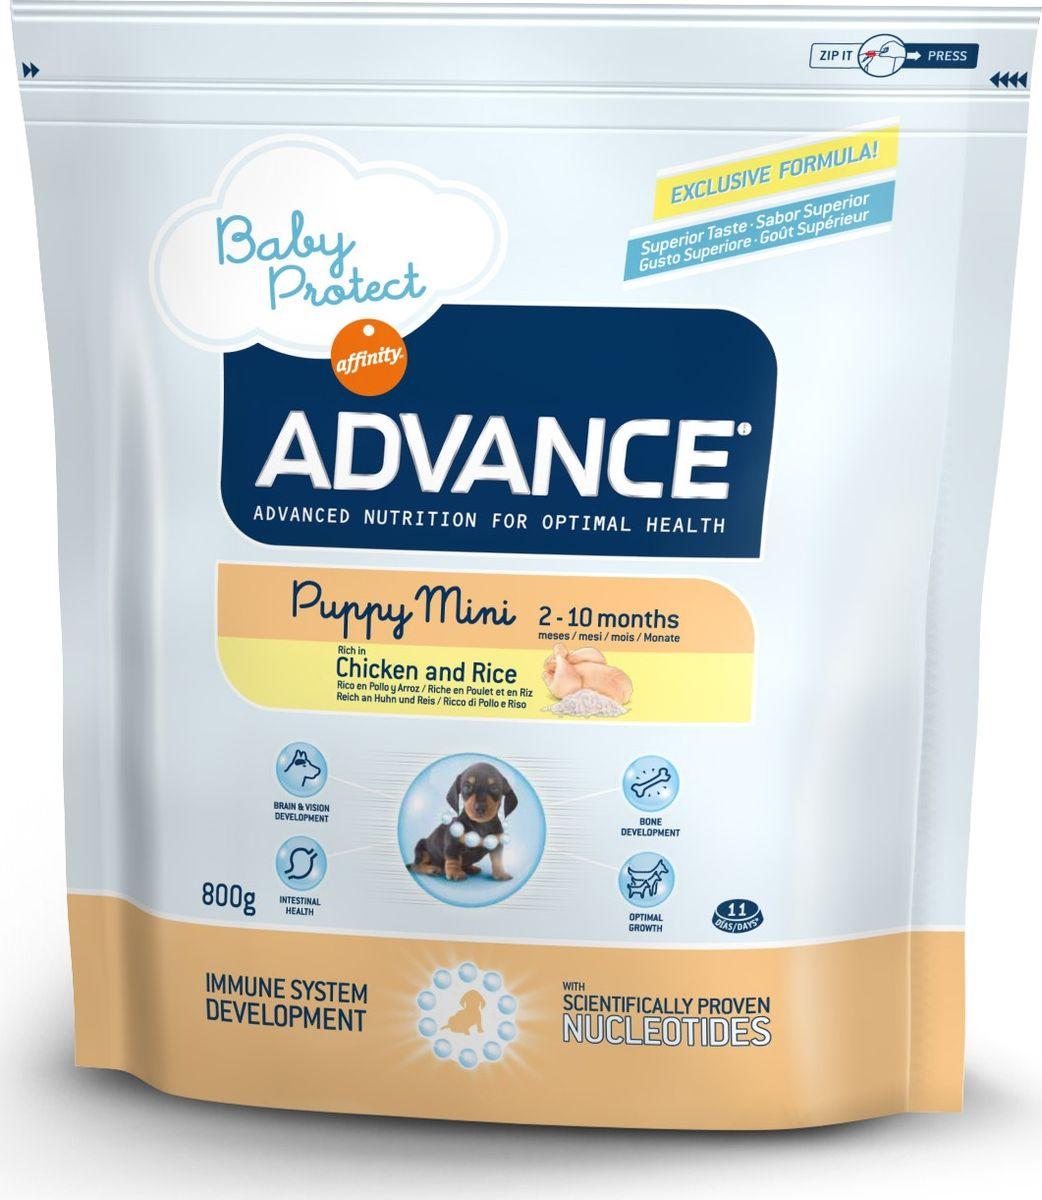 Корму сухой Advance для щенков малых пород с 2 до 10 месяцев Baby Protect Mini, 0,8 кг. 50111013043Advance – высококачественный корм супер-премиум класса Испанской компании Affinity Petcare, которая занимает лидирующие места на Европейском и мировом рынках. Корм разработан с учетом всех особенностей развития и жизнедеятельности собак и кошек. В линейке кормов Advance любой хозяин может подобрать необходимое питание в соответствии с возрастом и уникальными особенностями своего животного, а также в случае назначения специалистами ветеринарной диеты. Курица (20%), рис (17%), дегидрированное мясо курицы, мука из маиса, животный жир, маис, пшеница, гидролизированный белок животного происхождения, свекольный жом, рыбий жир,яичный порошок, дрожжи, плазменный протеин, хлористый калий, соль, трикальцийфосфат, нуклеотиды. Affinity Petcare имеет собственную лабораторию, а также сотрудничает со множеством международных исследовательских центров, благодаря чему специалисты постоянно совершенствуют рецептуру и полезные свойства своих кормов. В составе главным источником белка является СВЕЖЕЕ...